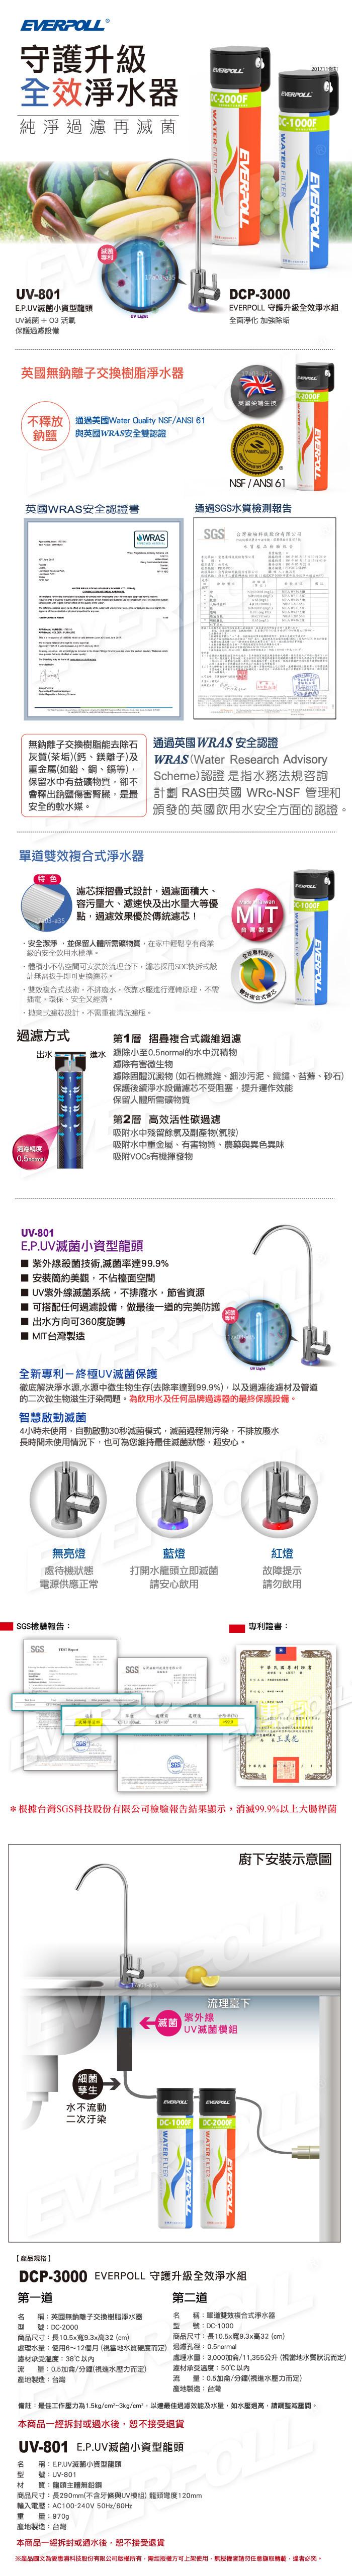 EVERPOLL 愛惠浦 UV滅菌龍頭 UV-801+守護升級全效淨水組 DCP-3000